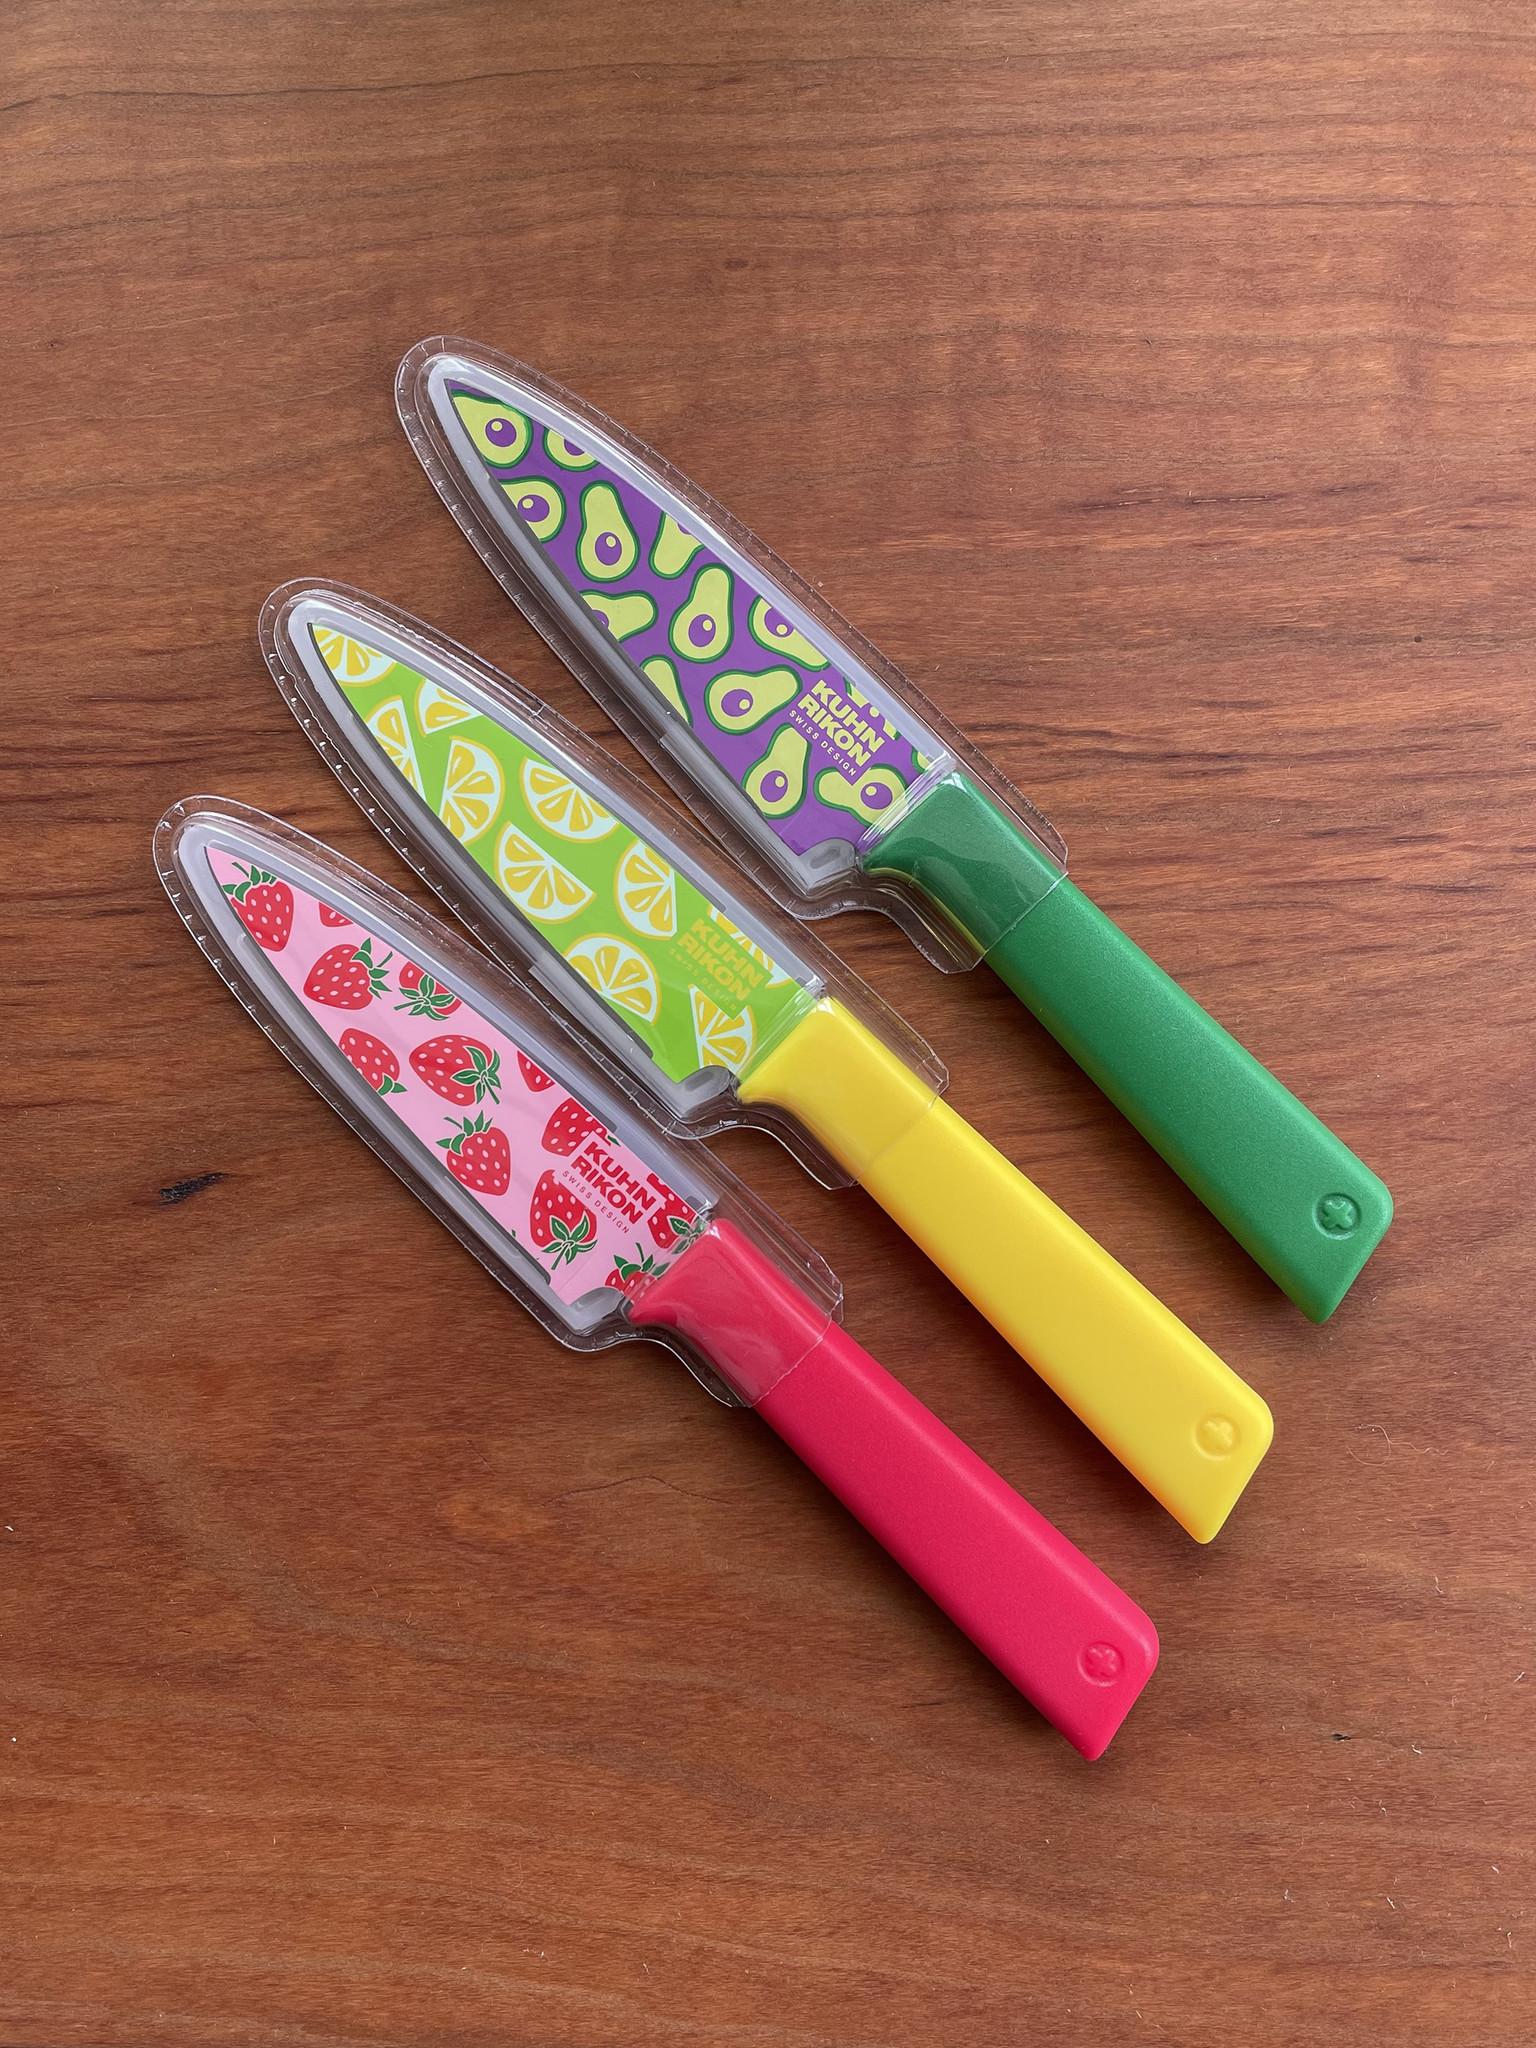 Kuhn Rikon Colori Fruit Paring Knives-1